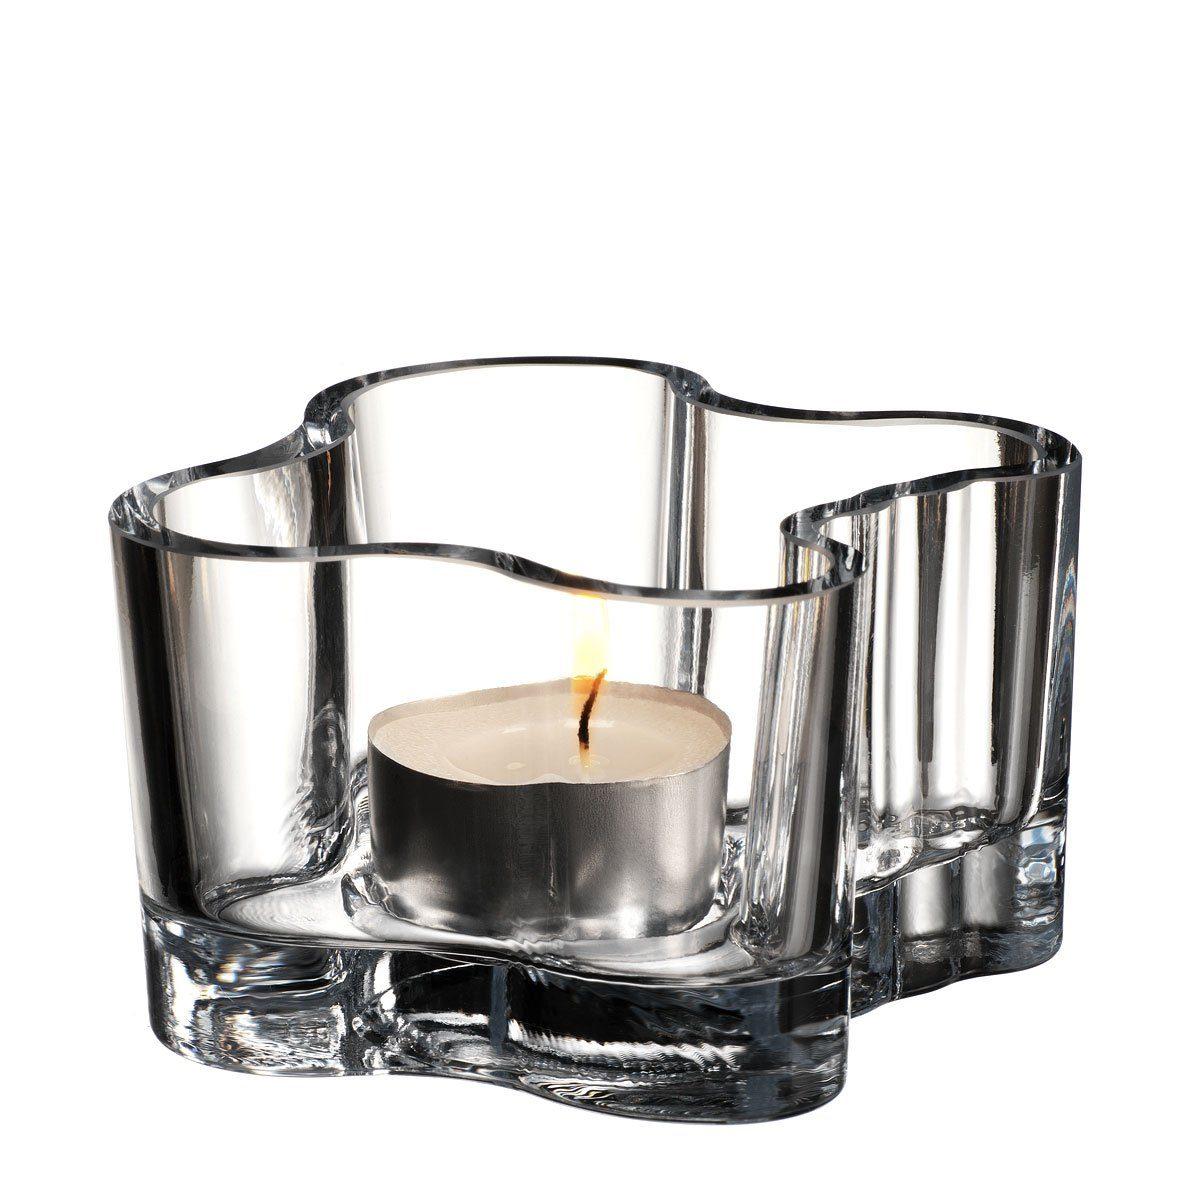 IITTALA Iittala Teelichthalter VOTIVE klar